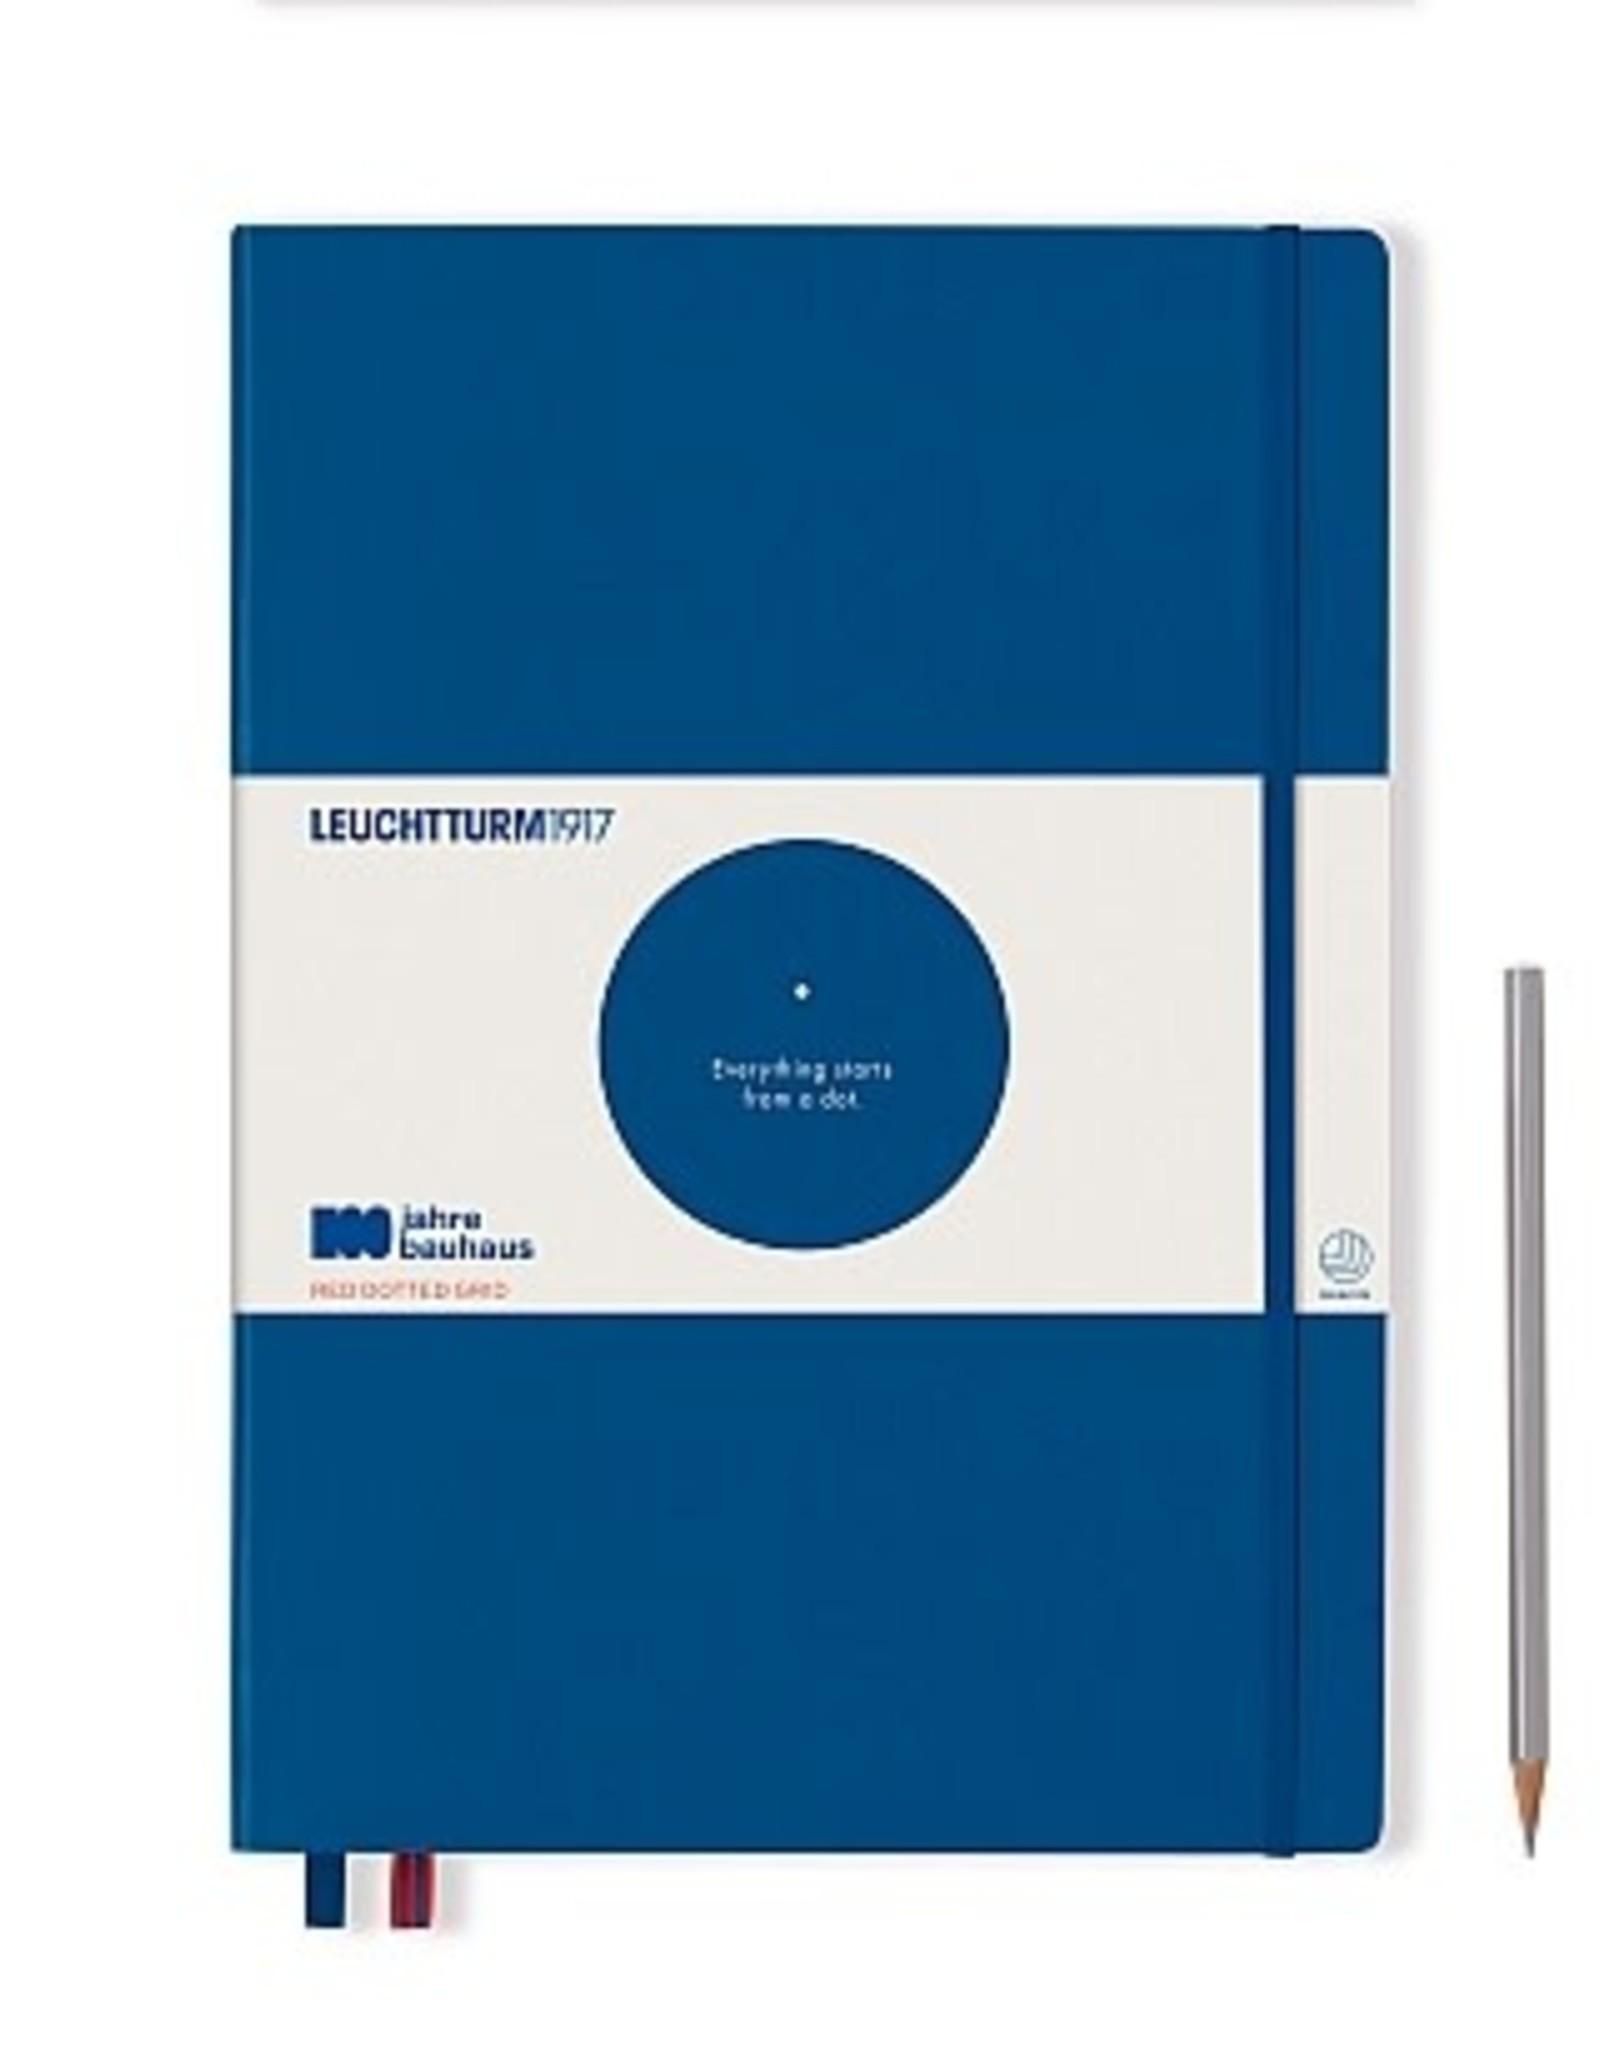 Leuchtturm 1917 Leuchtturm 1917 Bauhaus Notebook A5